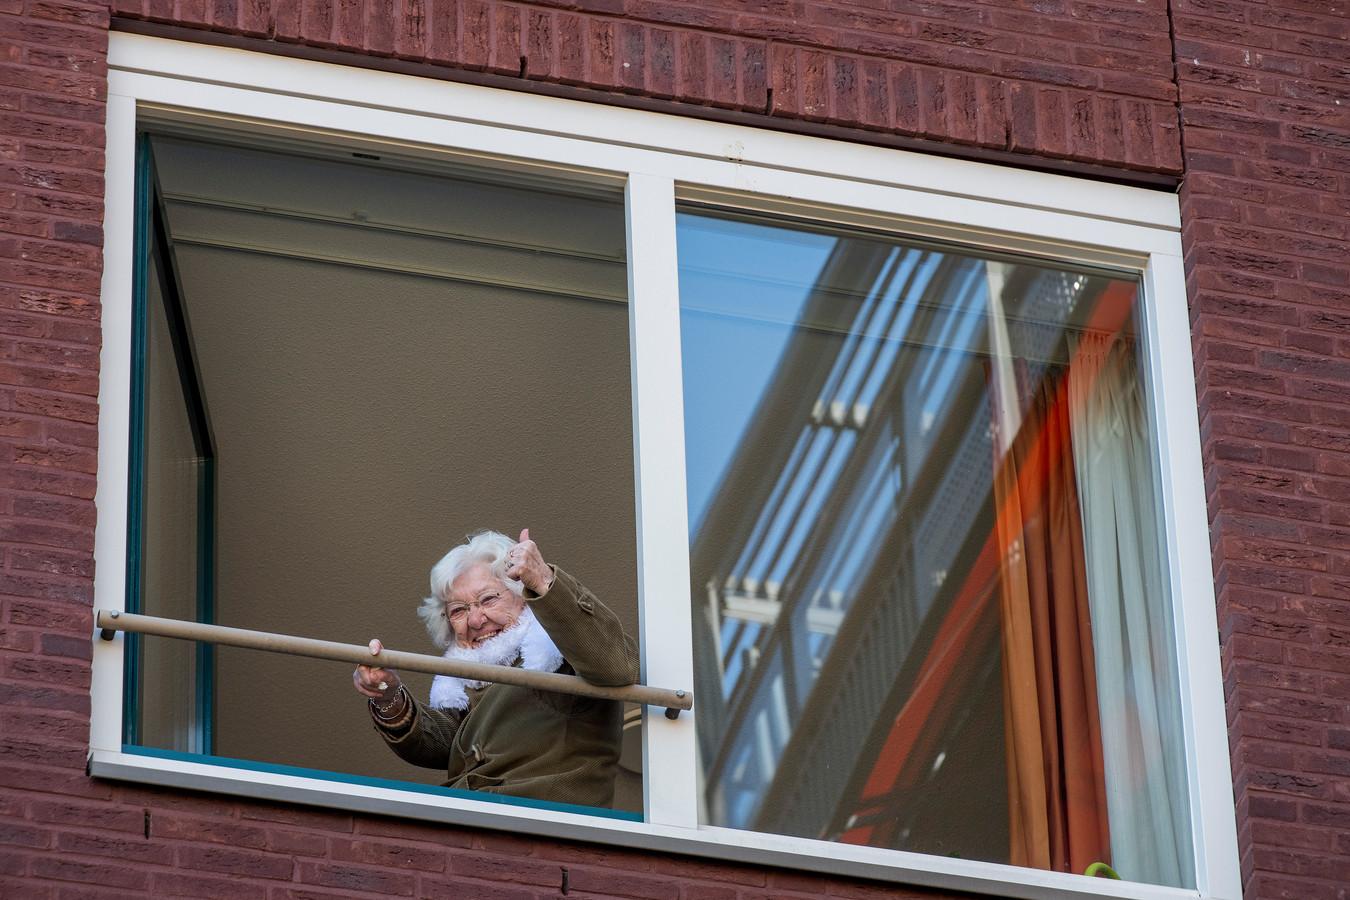 De 99-jarige oma Reintje genoot zondagmiddag van haar kleindochter Kilke van Buren. Ze trad op voor de bewoners van Walstede.